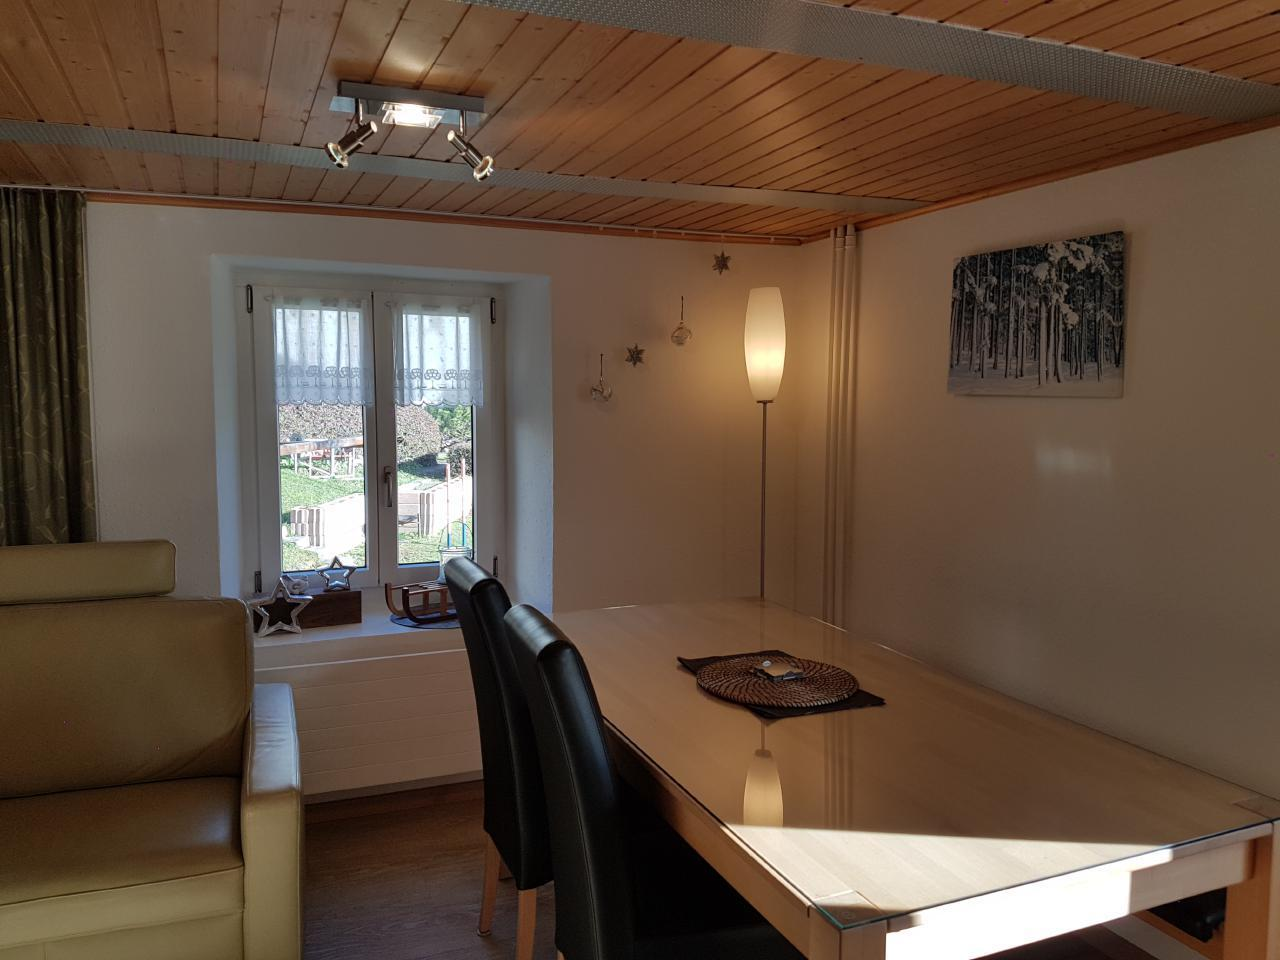 Ferienwohnung 3,5-Zimmer Ferienwohnung (1576388), Sattel, Schwyz, Zentralschweiz, Schweiz, Bild 11